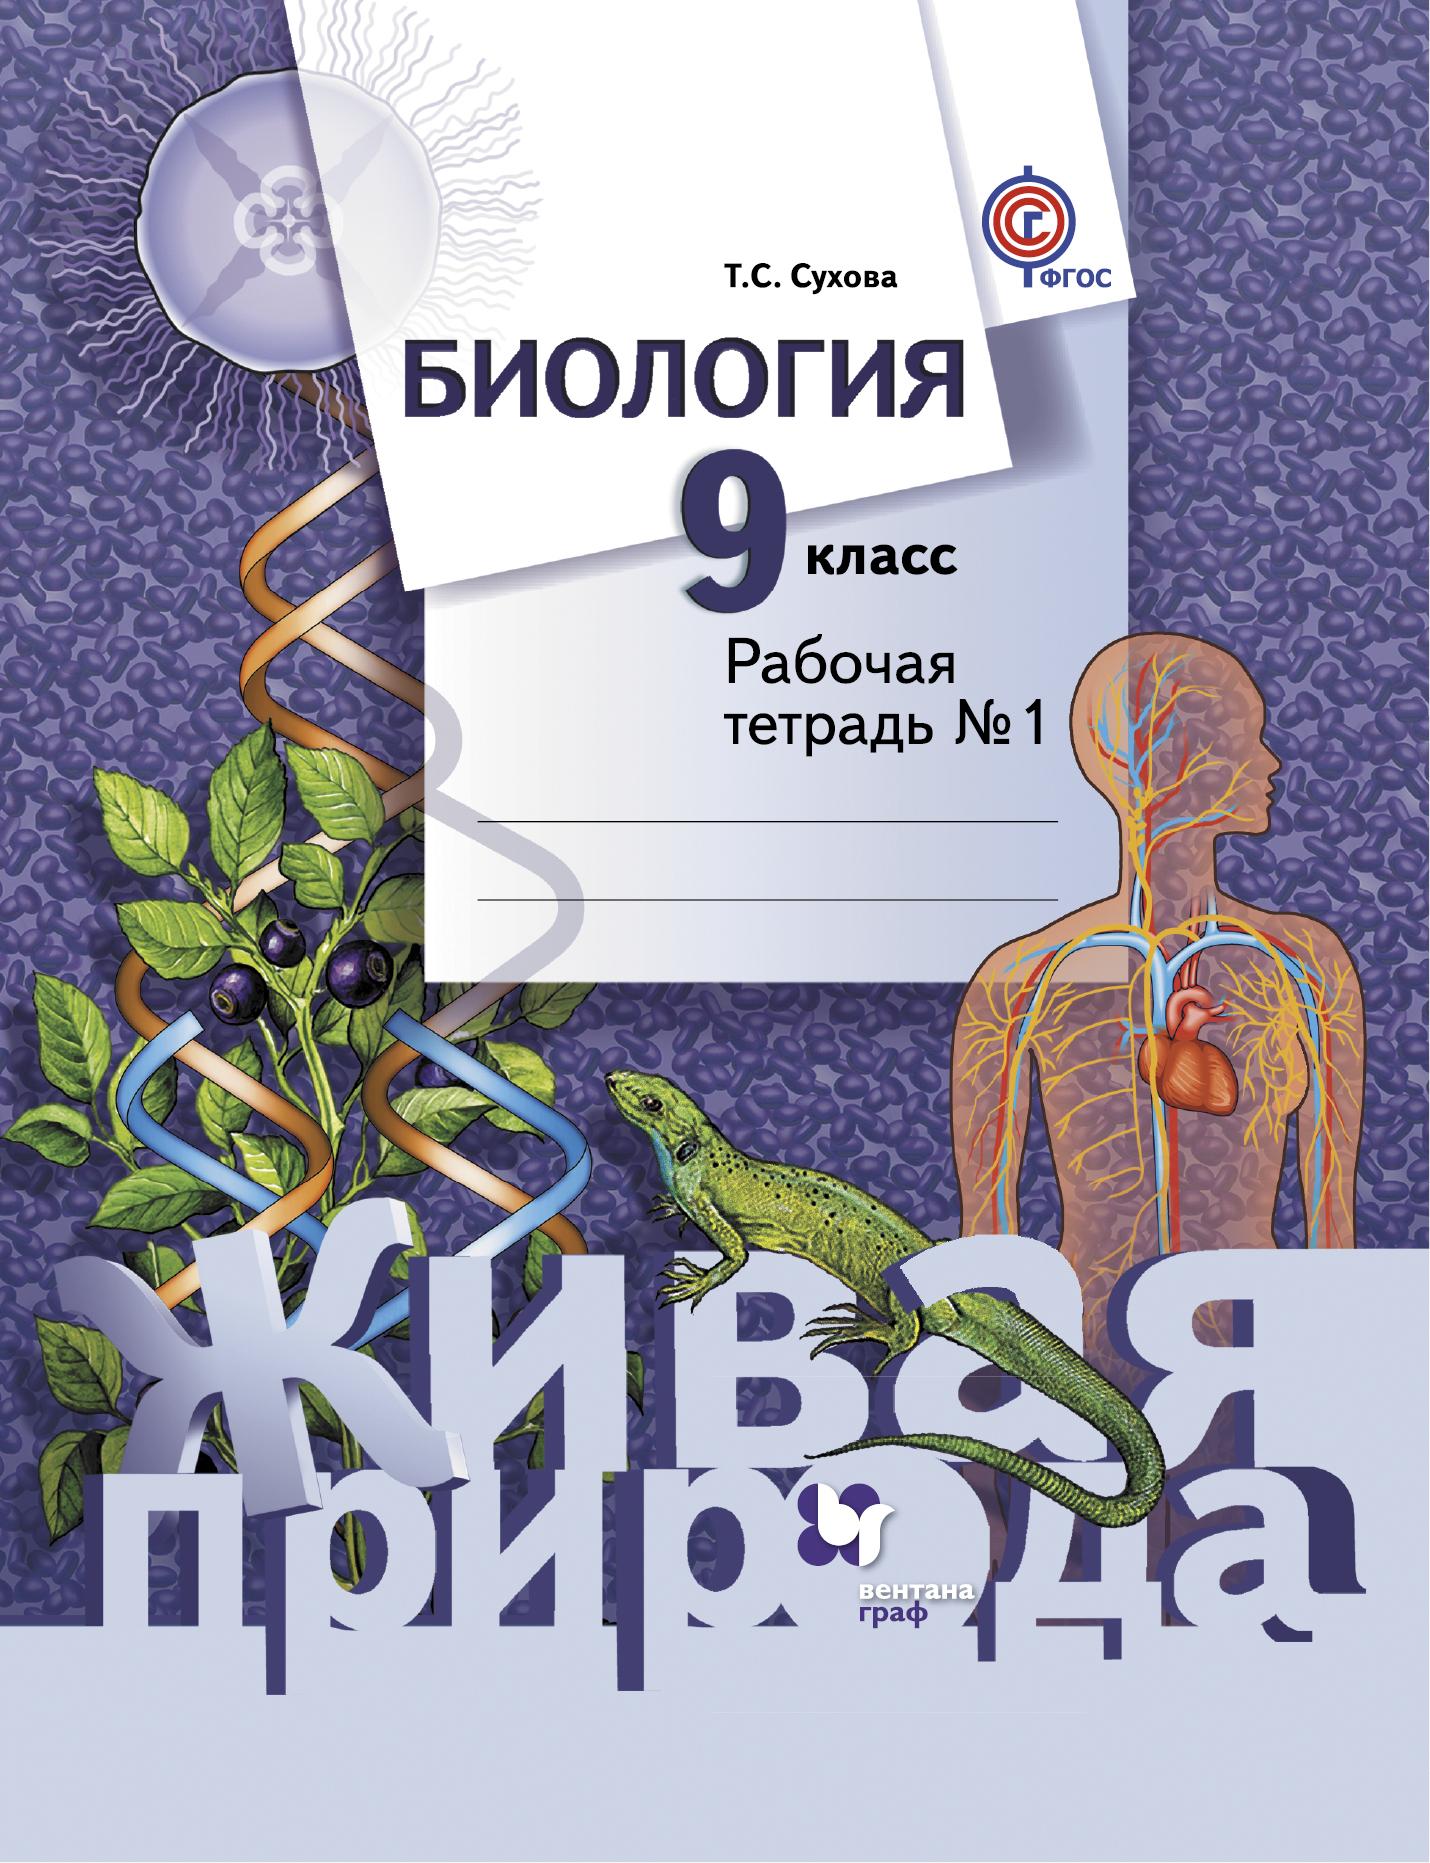 *Биология. 9 класс. Рабочая тетрадь № 1.